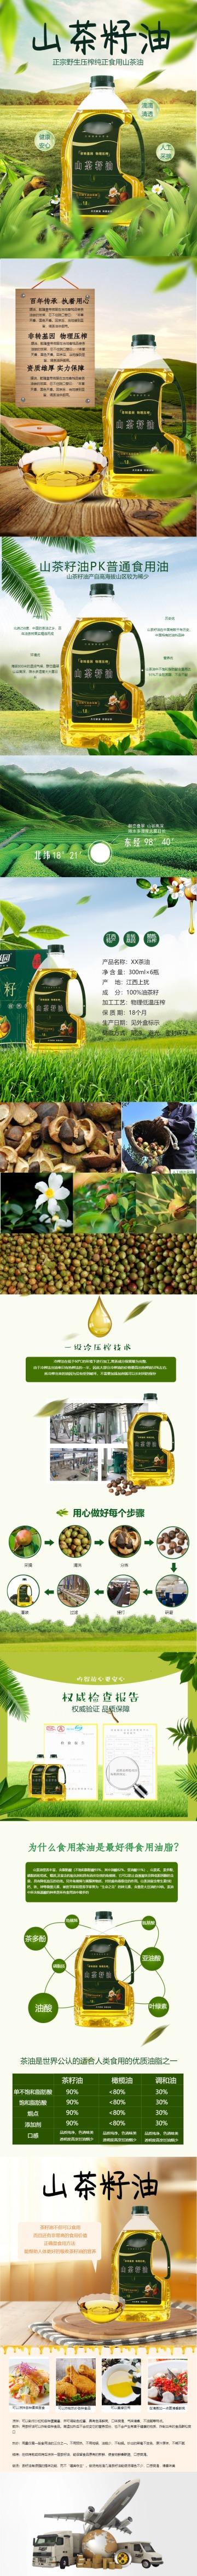 清新简约百货零售粮油副食山茶籽油促销电商详情页